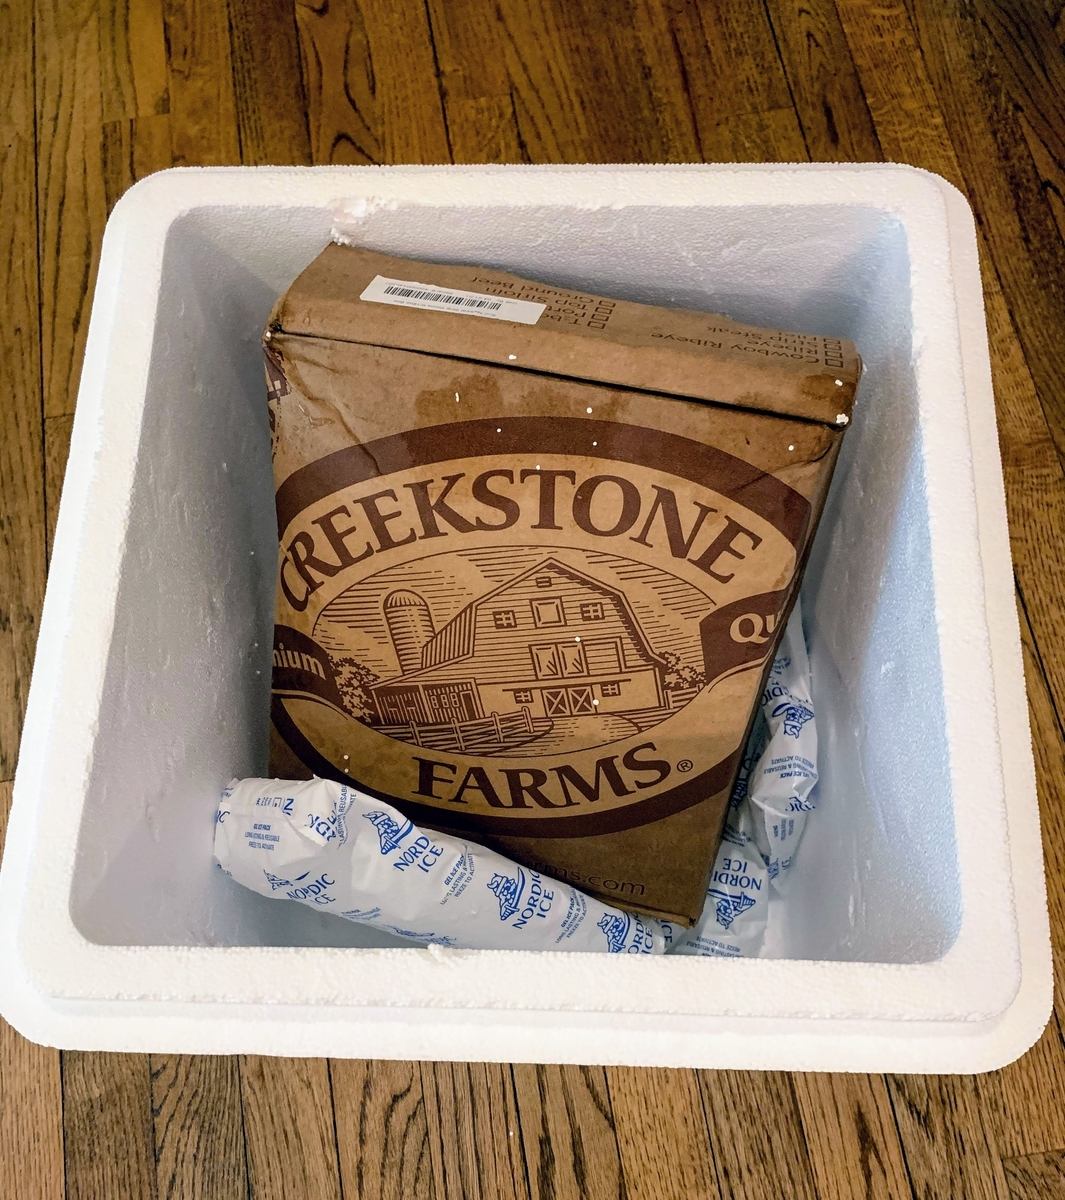 クリークストーン:発砲スチロールの箱を開封